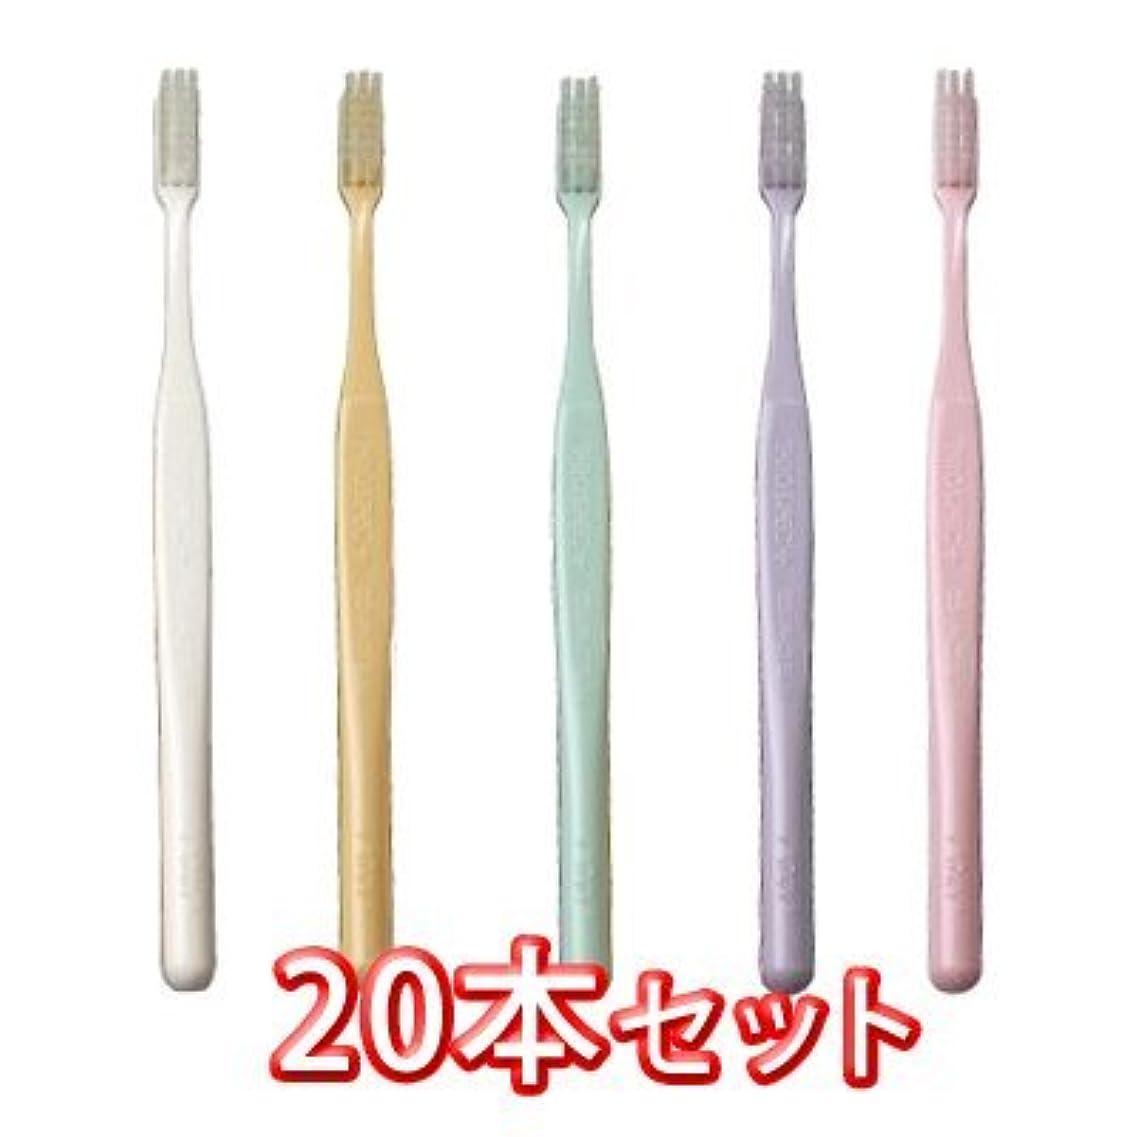 娘のみルーチンプロスペック 歯ブラシ プラス コンパクトスリム 20本入 ふつう色 M ふつう